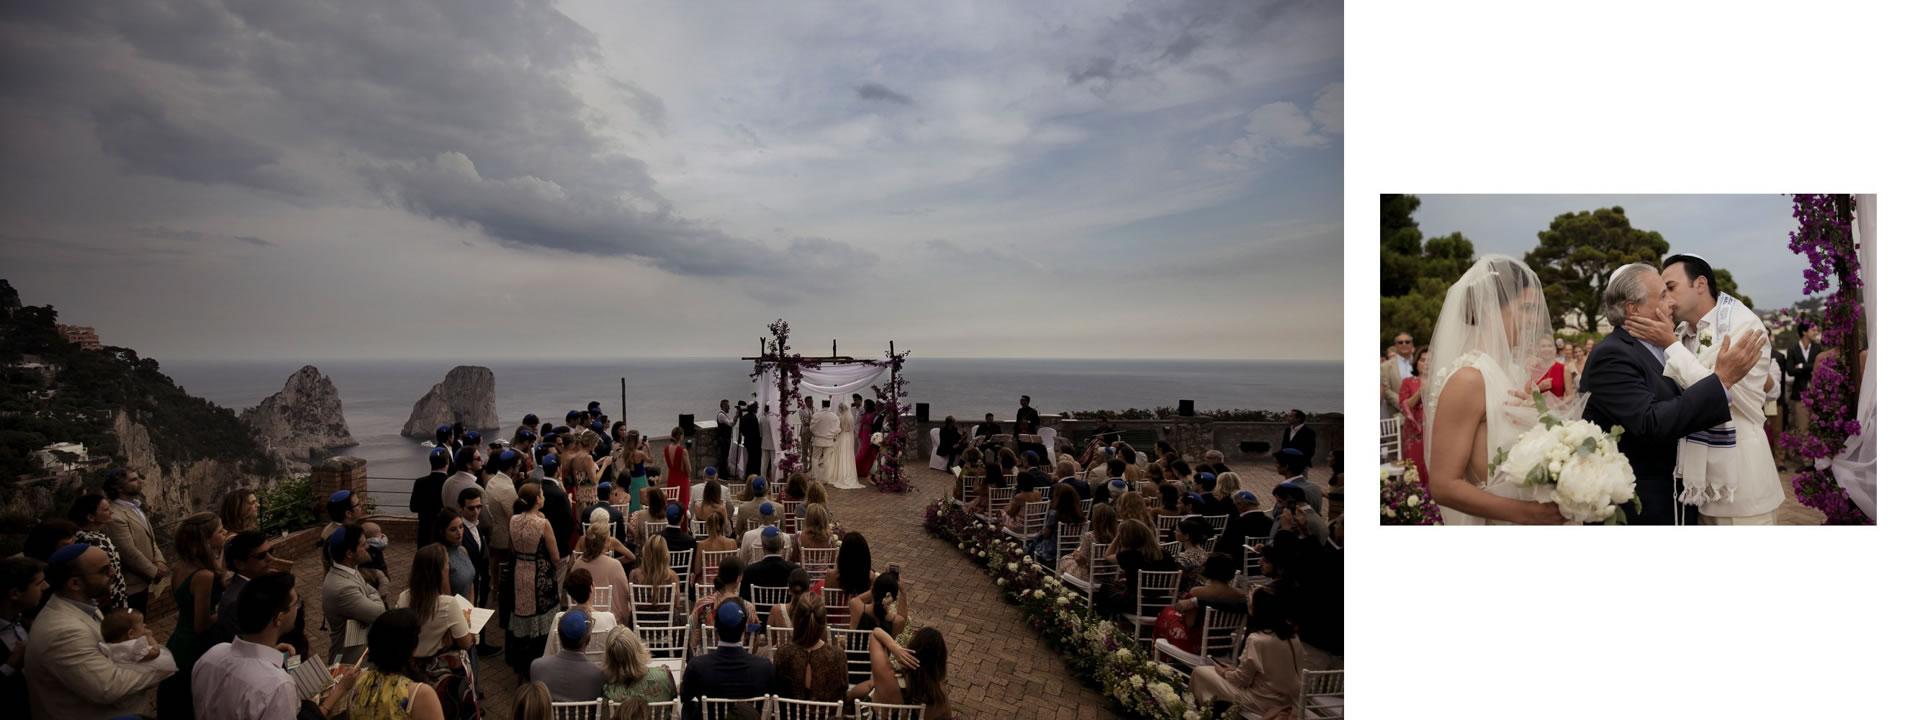 - 33 :: Jewish luxury wedding weekend in Capri :: Luxury wedding photography - 32 ::  - 33